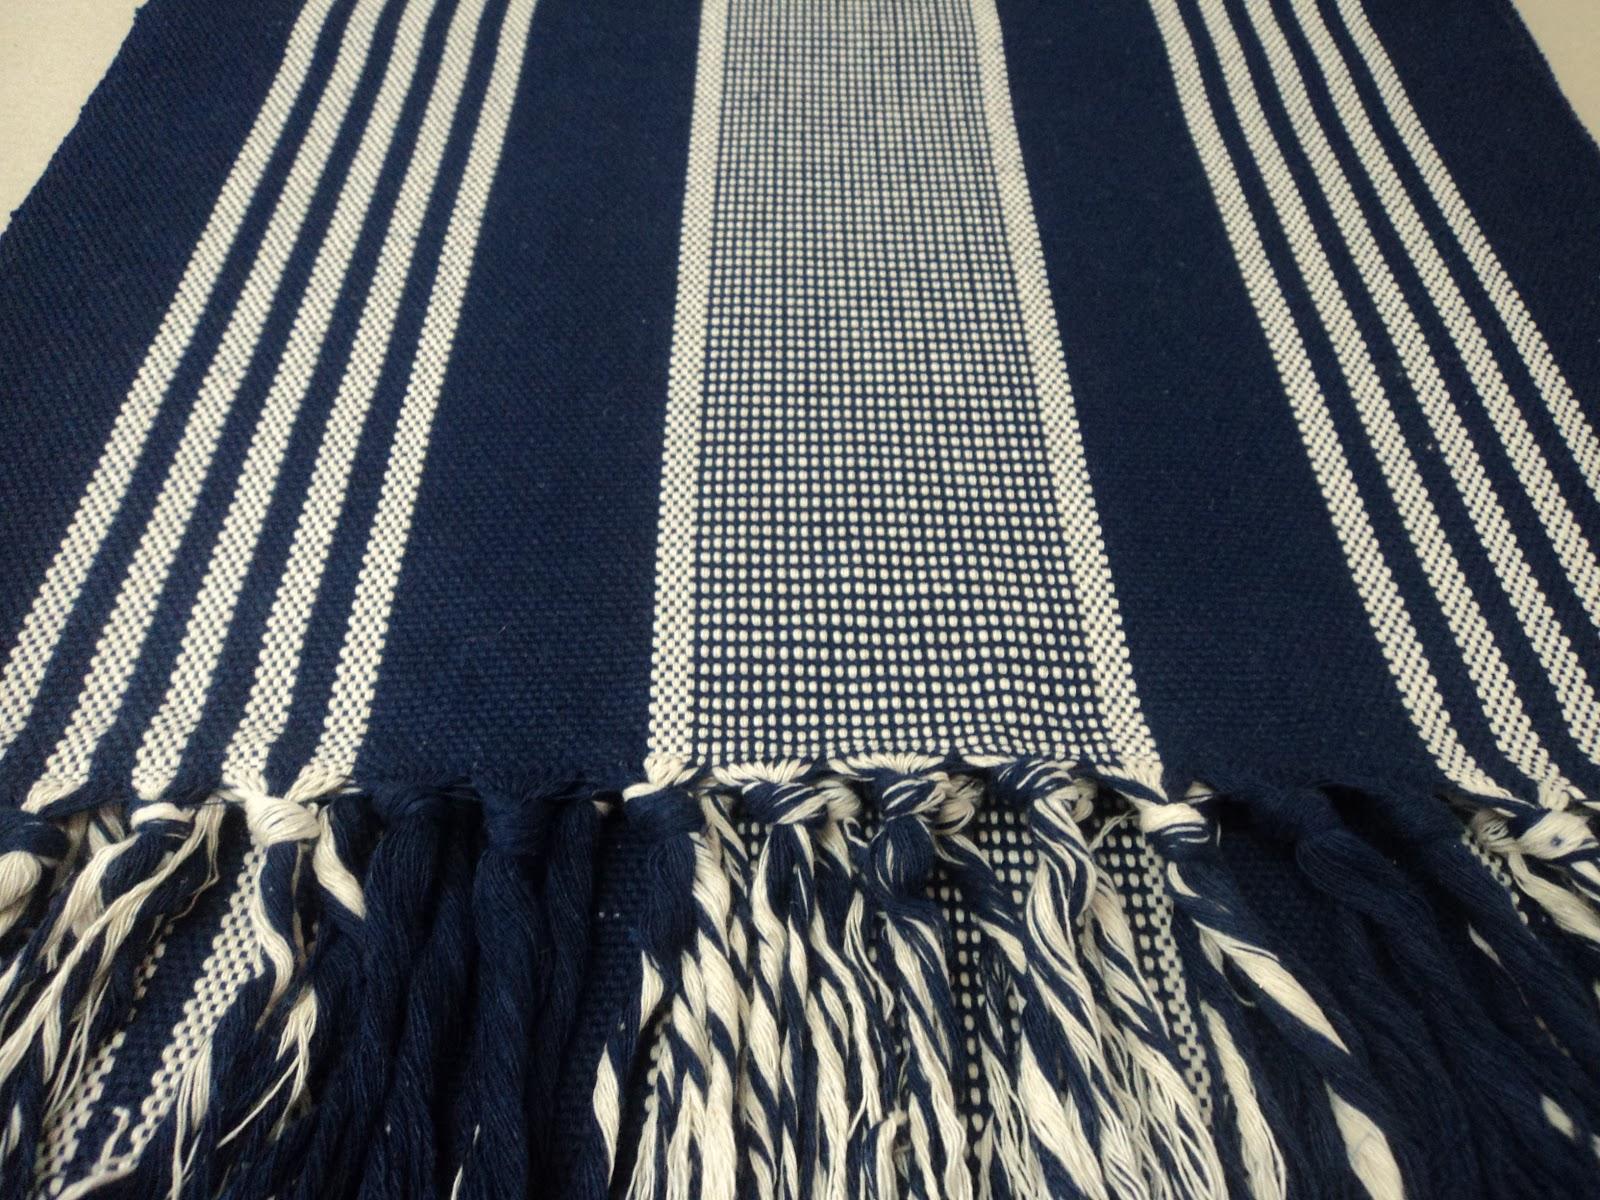 Azul Marinho com listas algodão Cru #1A2131 1600 1200